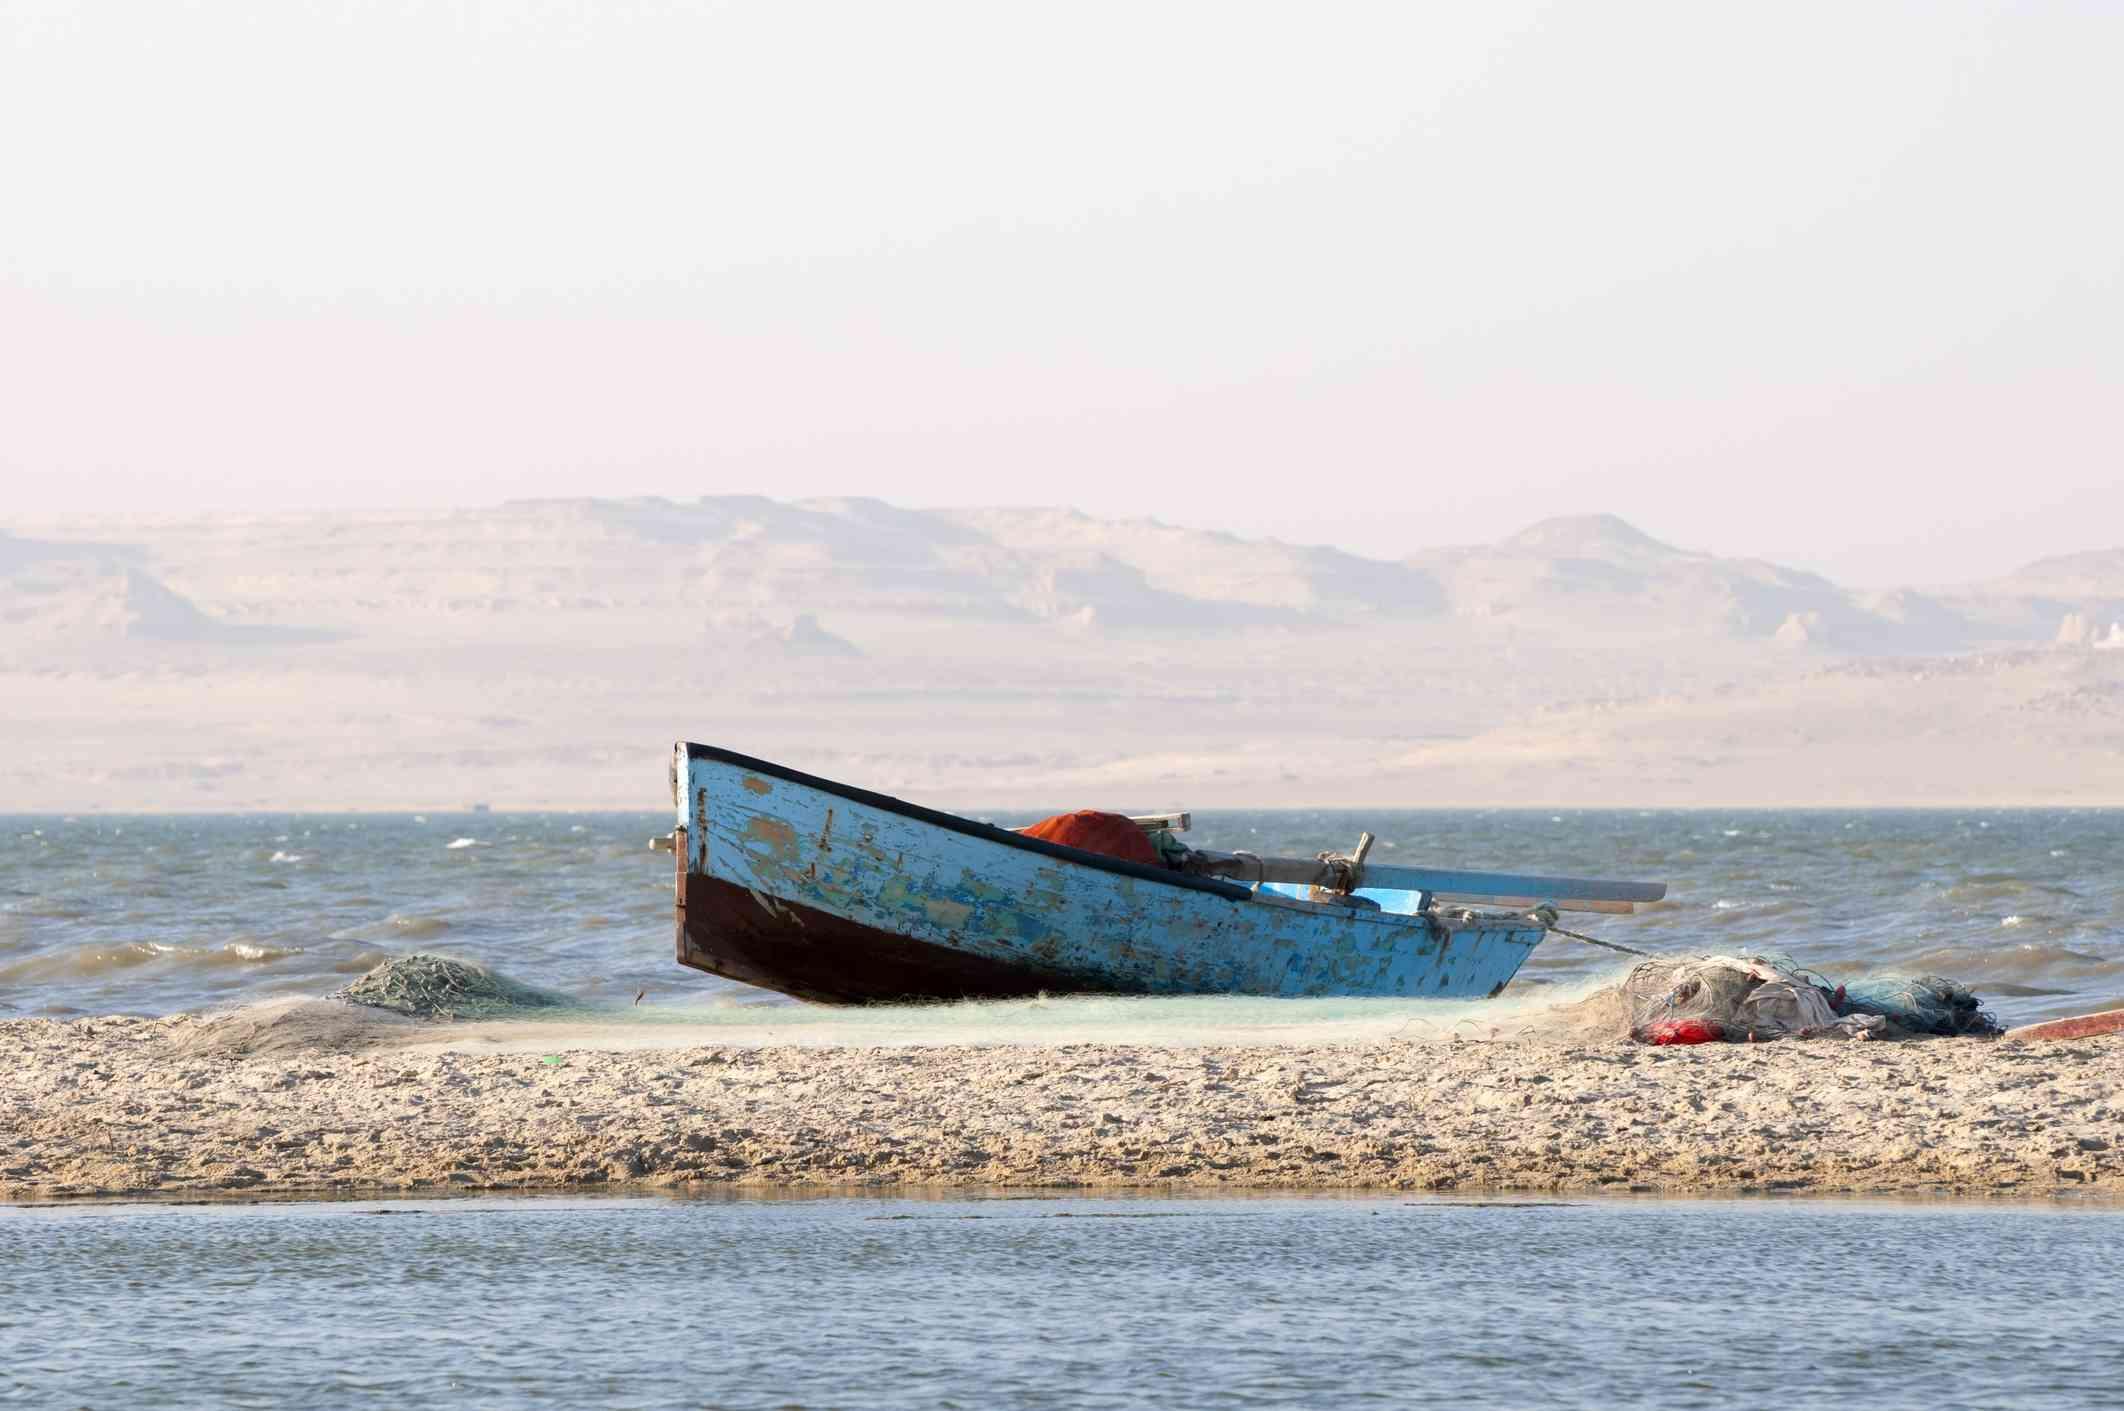 Fishing boat on Lake Qarun, Egypt